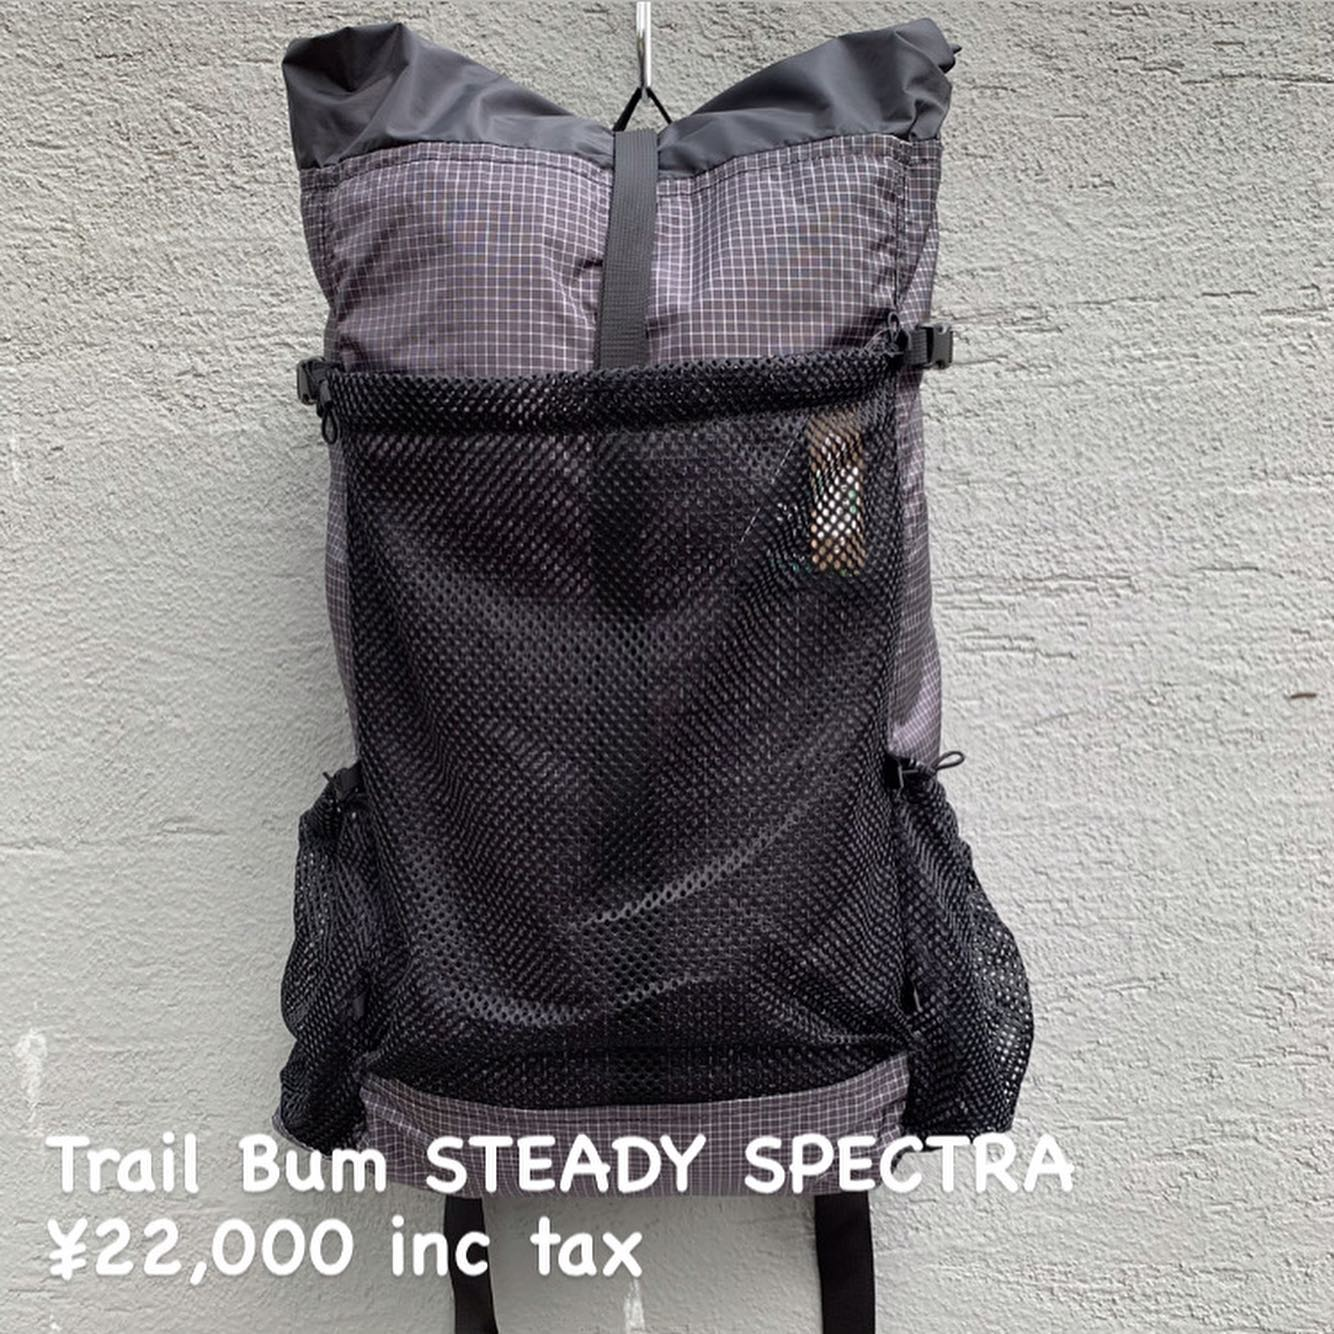 TRAIL BUMのフラッグシップモデルのひとつ「Steady」のご紹介